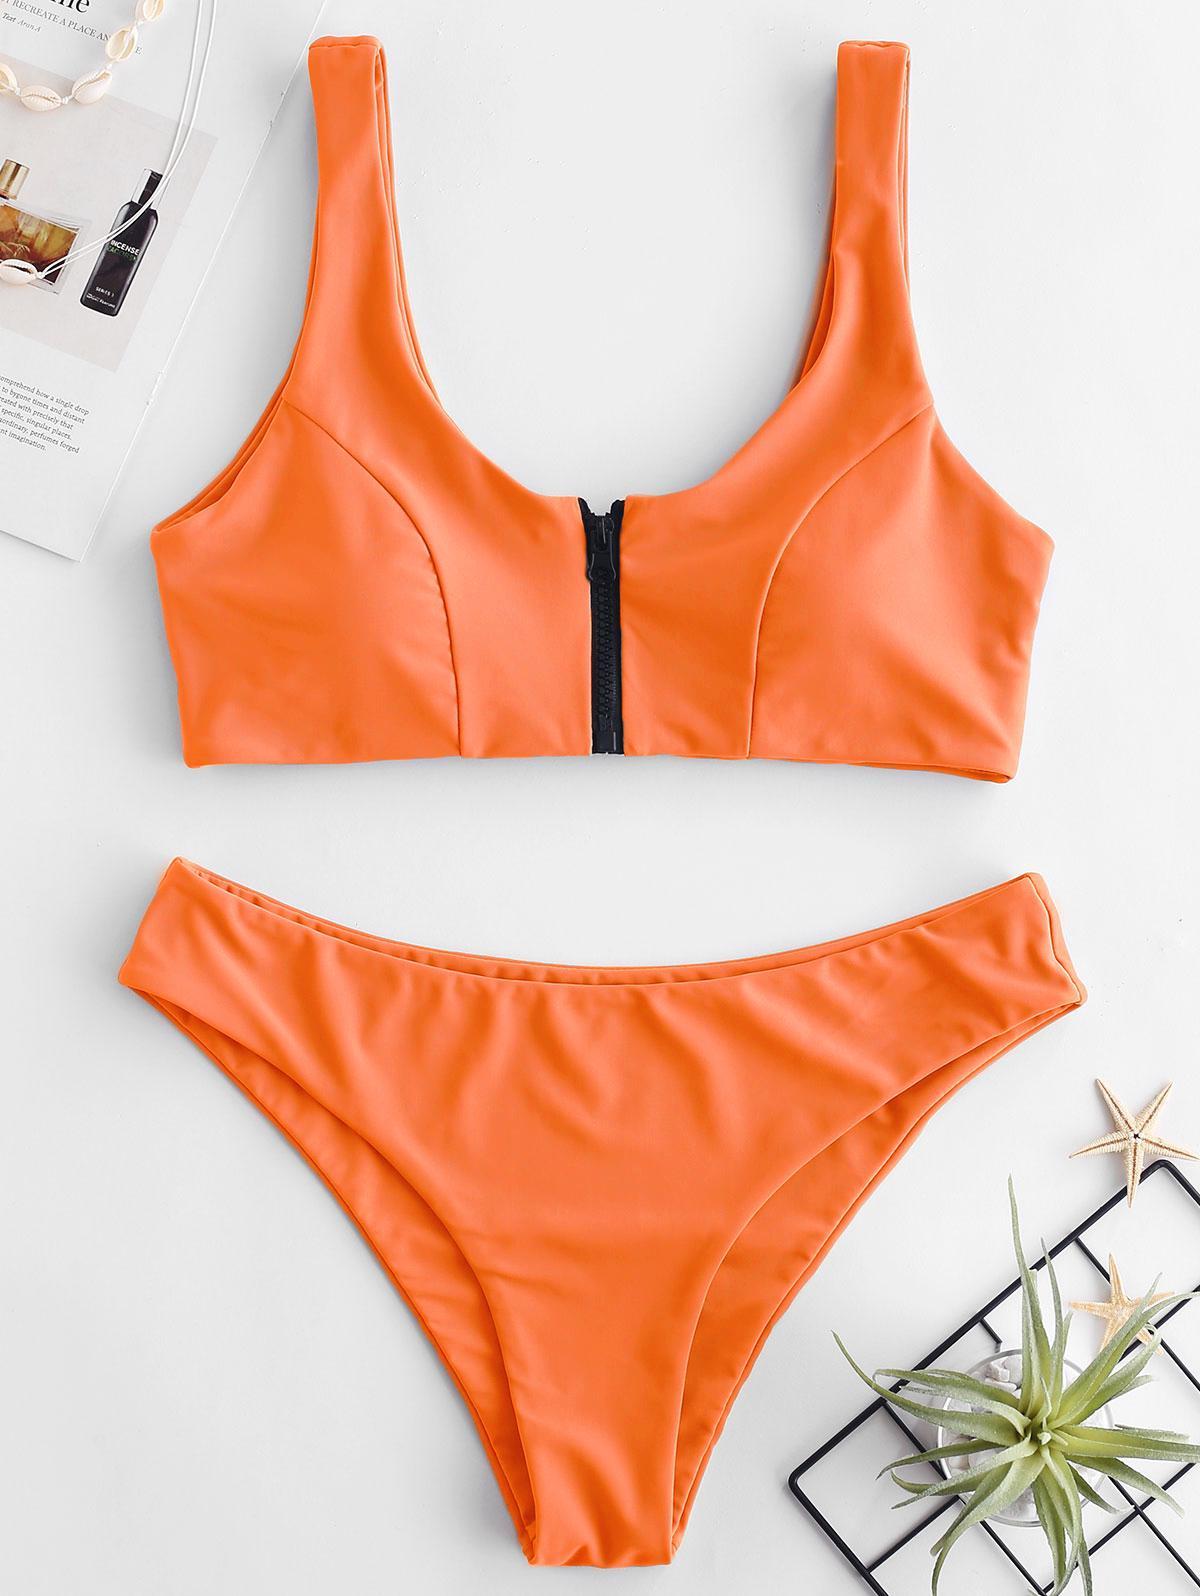 ZAFUL Zip Front Tank Bikini Set, Mango orange